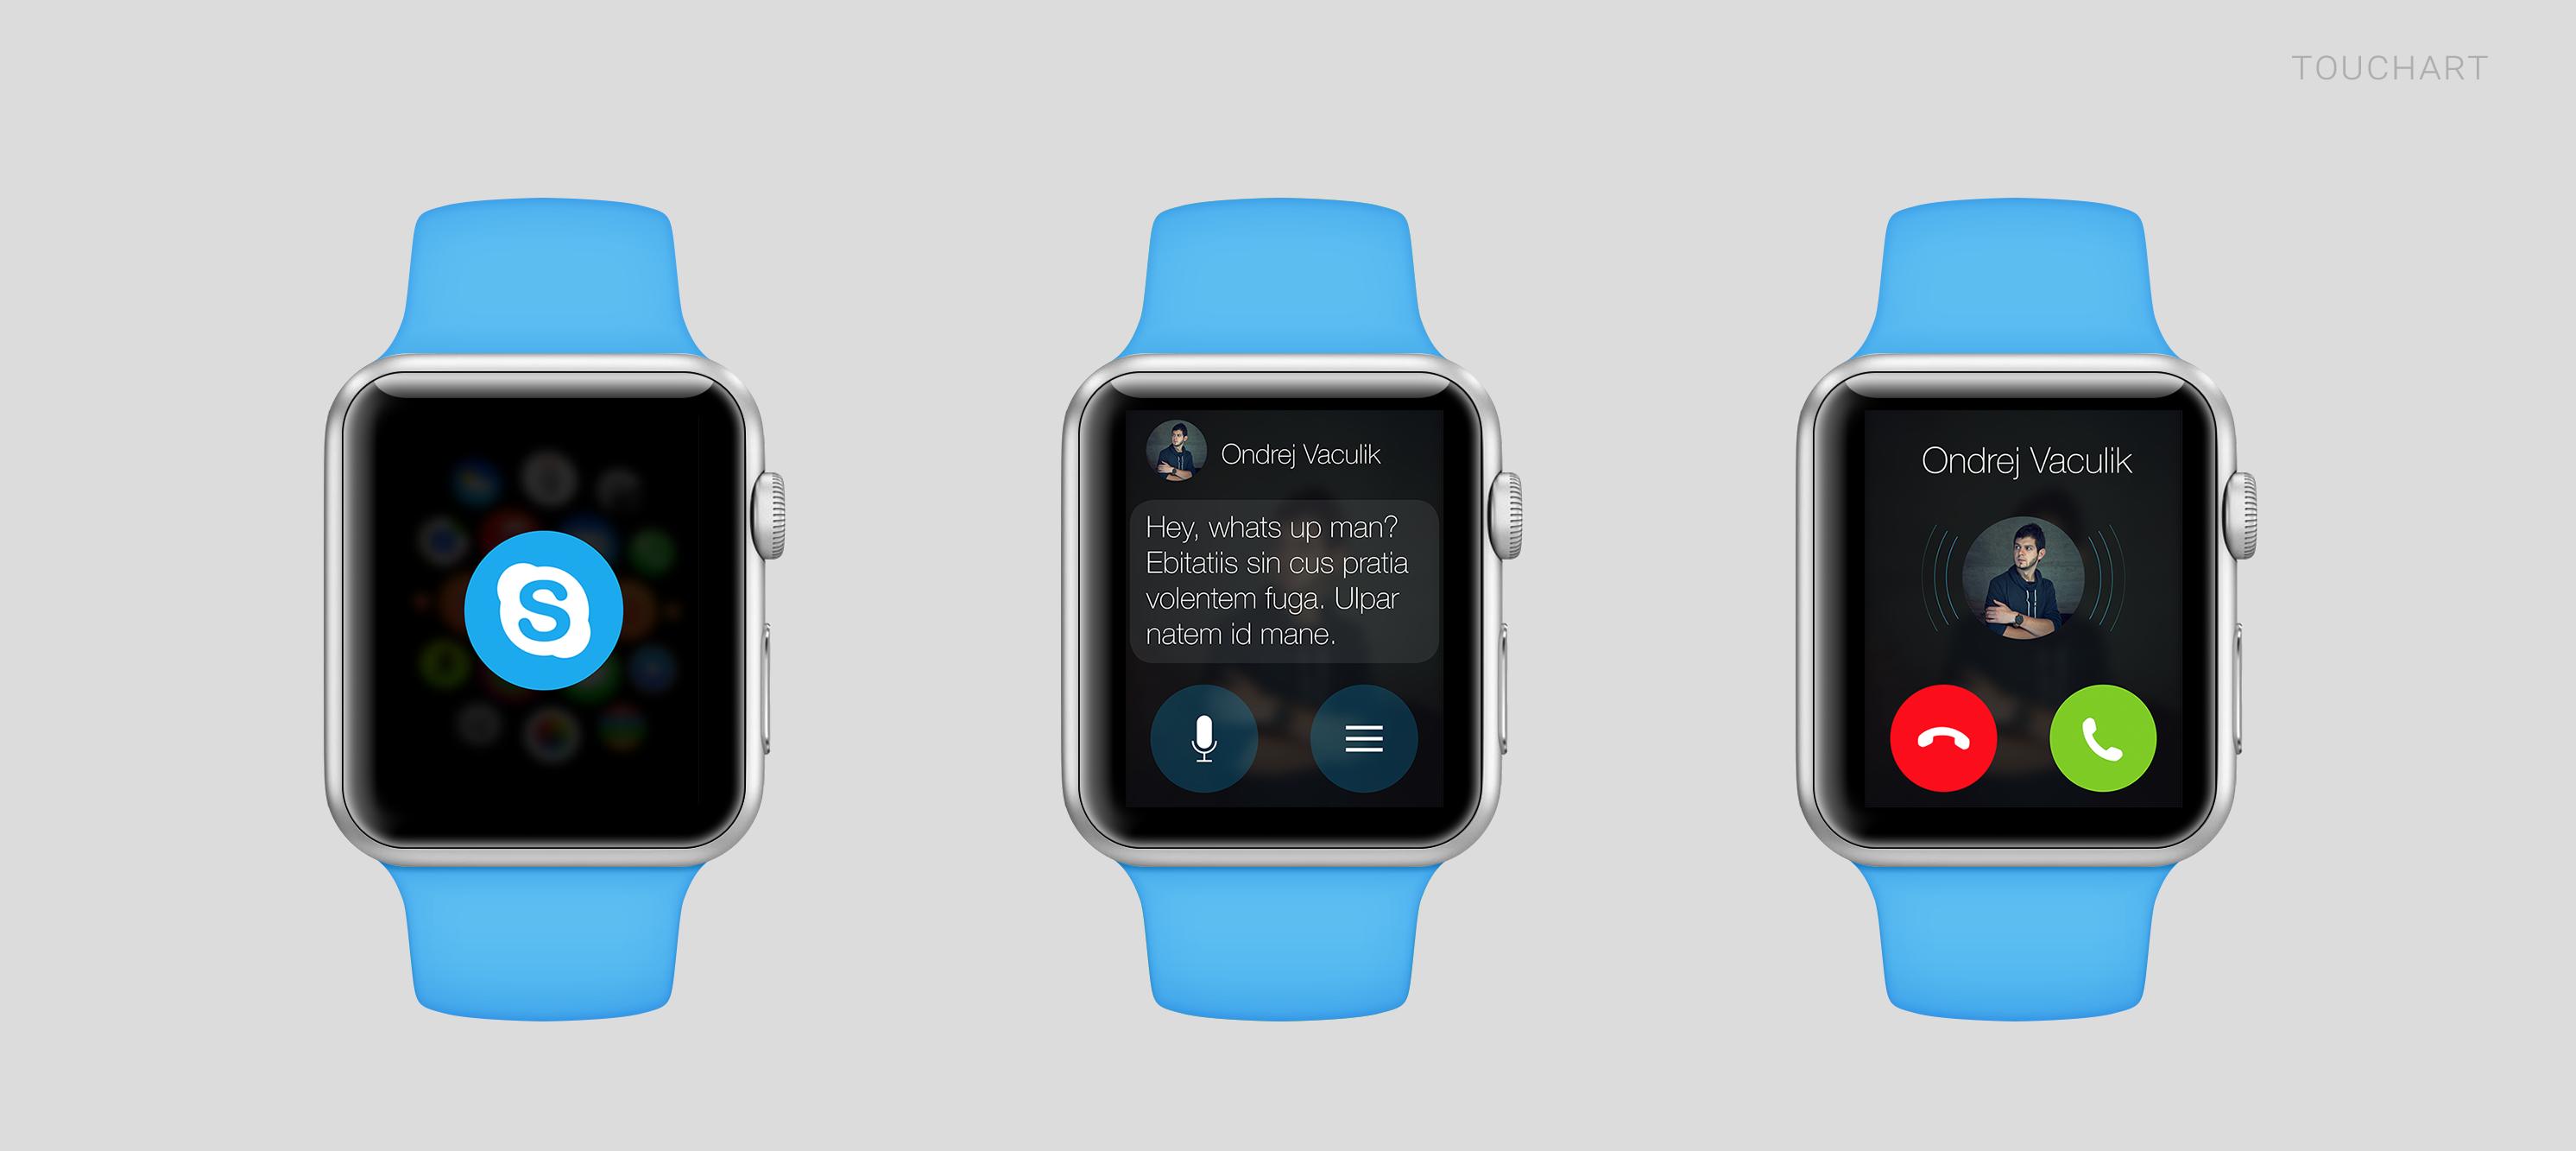 Conceito de app para o Applw Watch - Skype